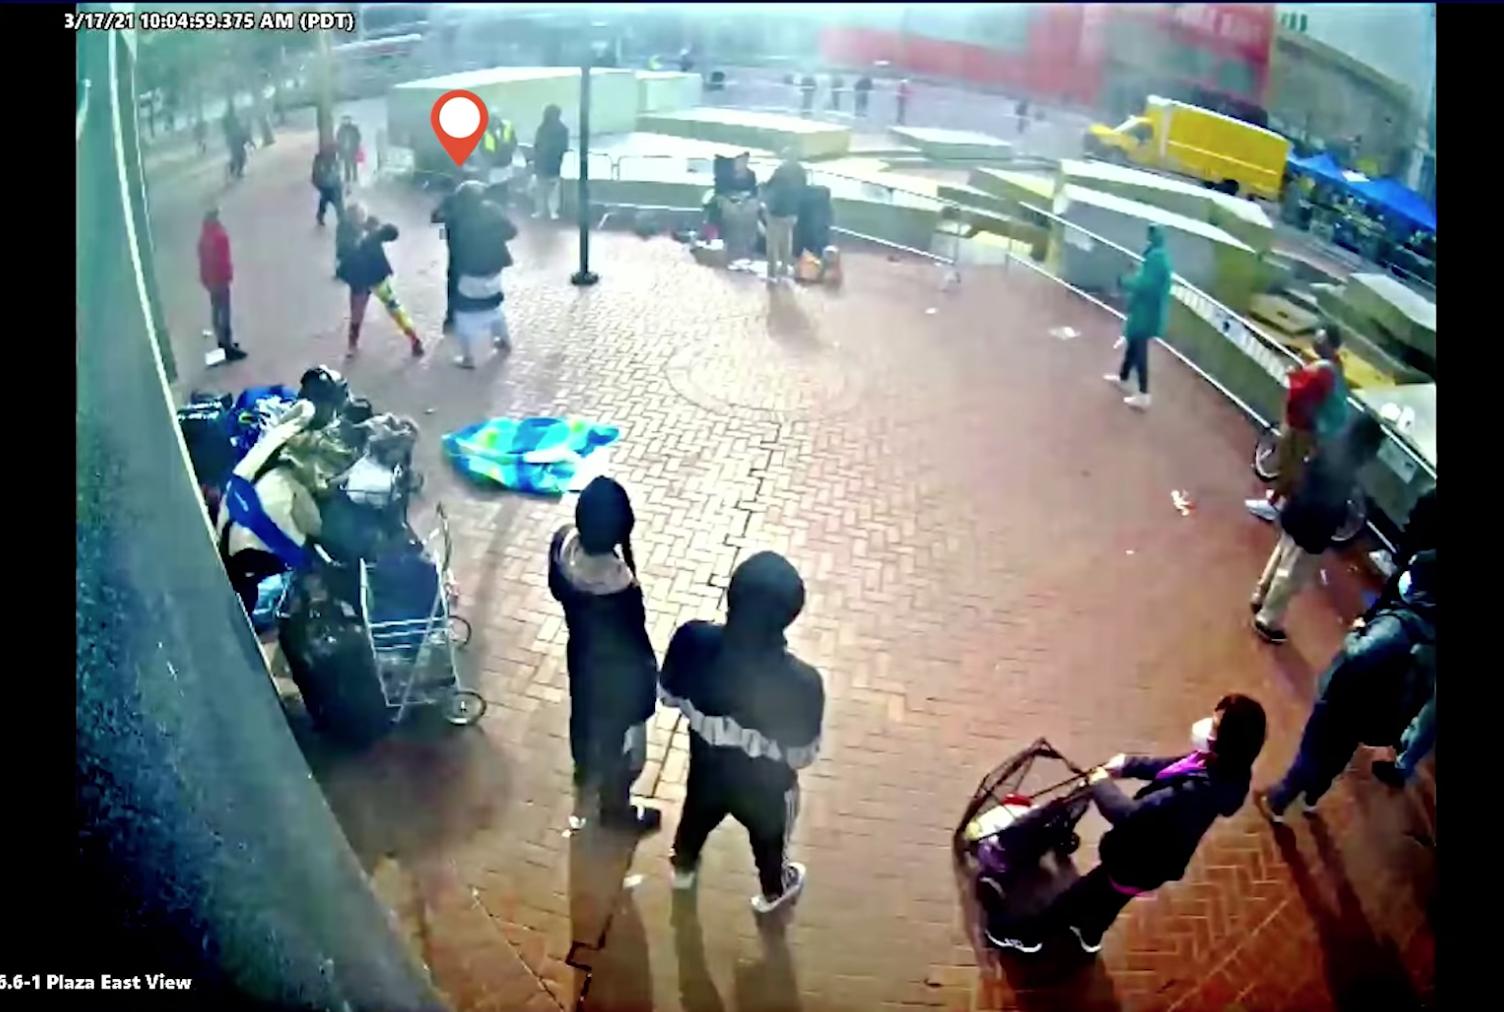 Vụ án một phụ nữ châu Á bị tấn công ở San Francisco xuất hiện tình tiết mới